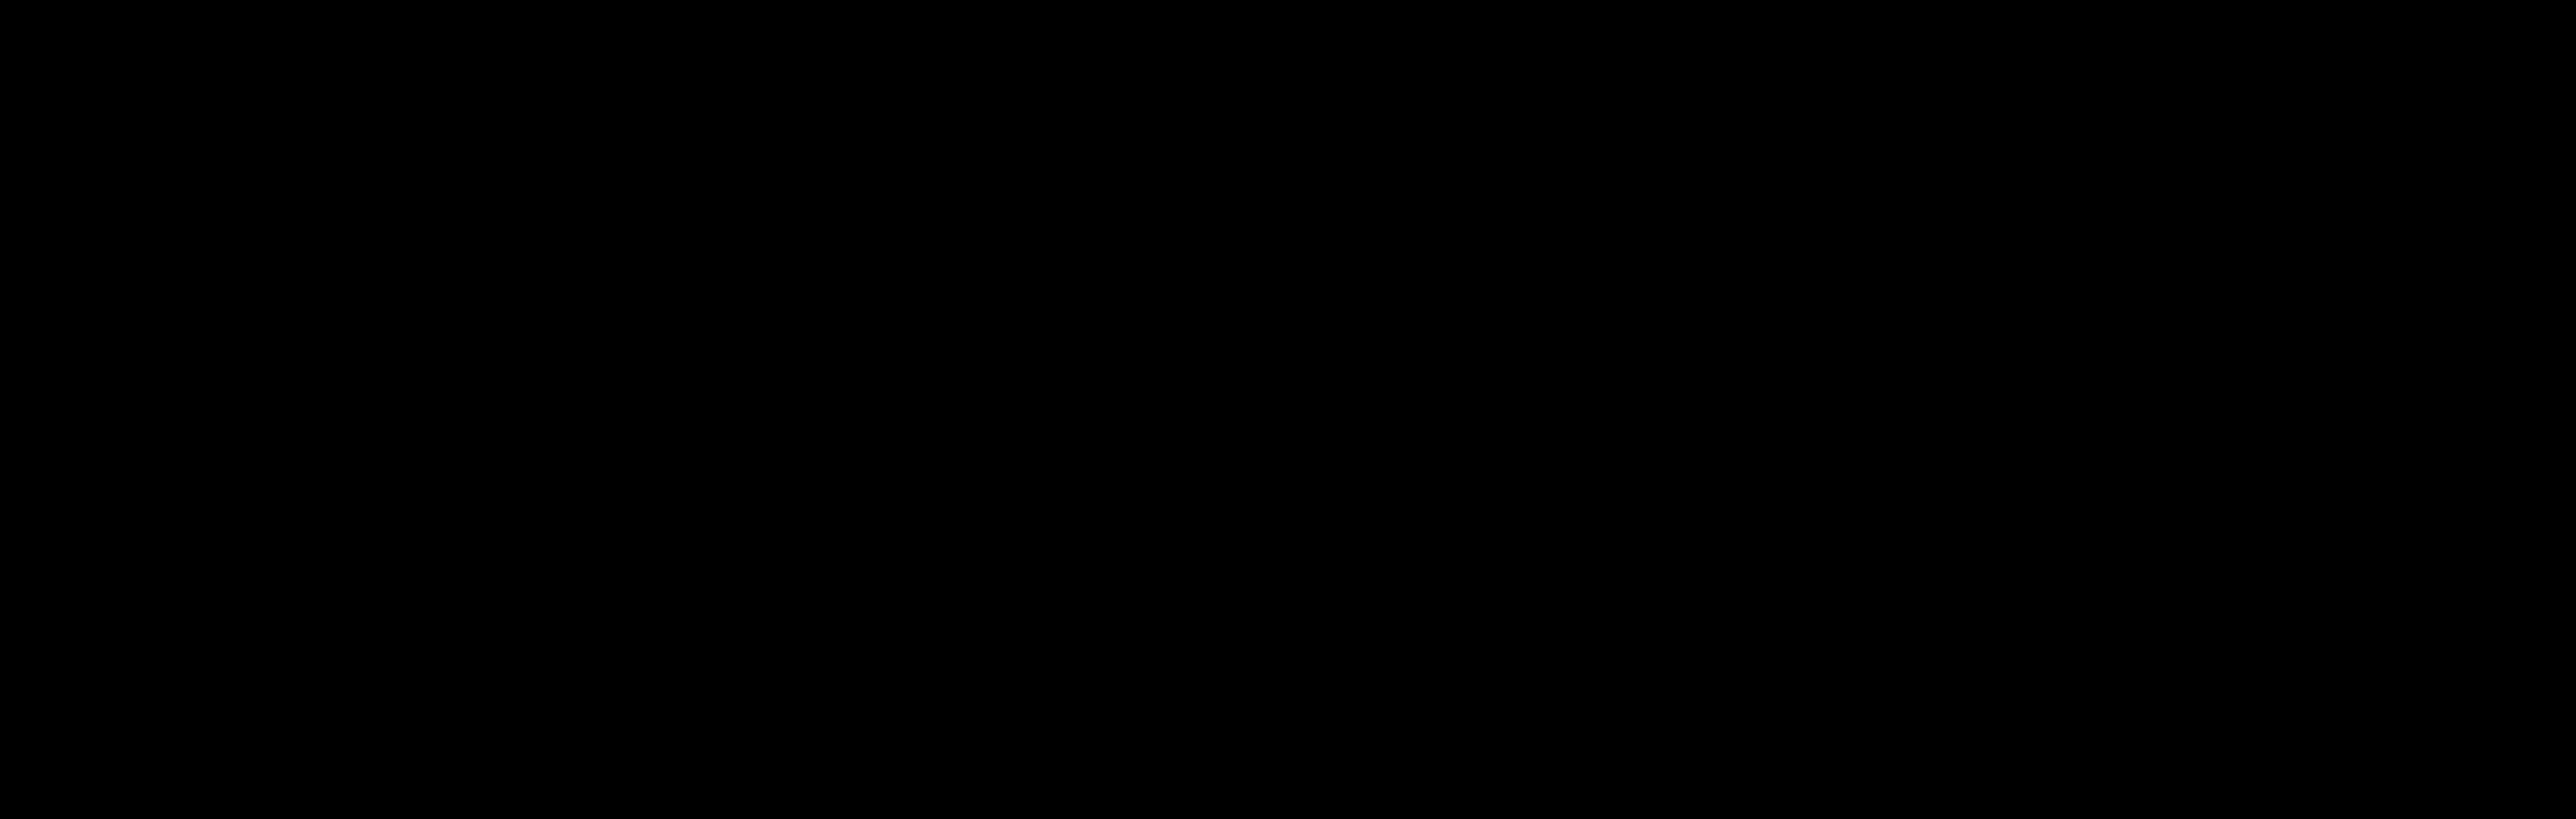 tabela Azeitona Laborada e Rendimento Médio nas últimas 6 campanhas